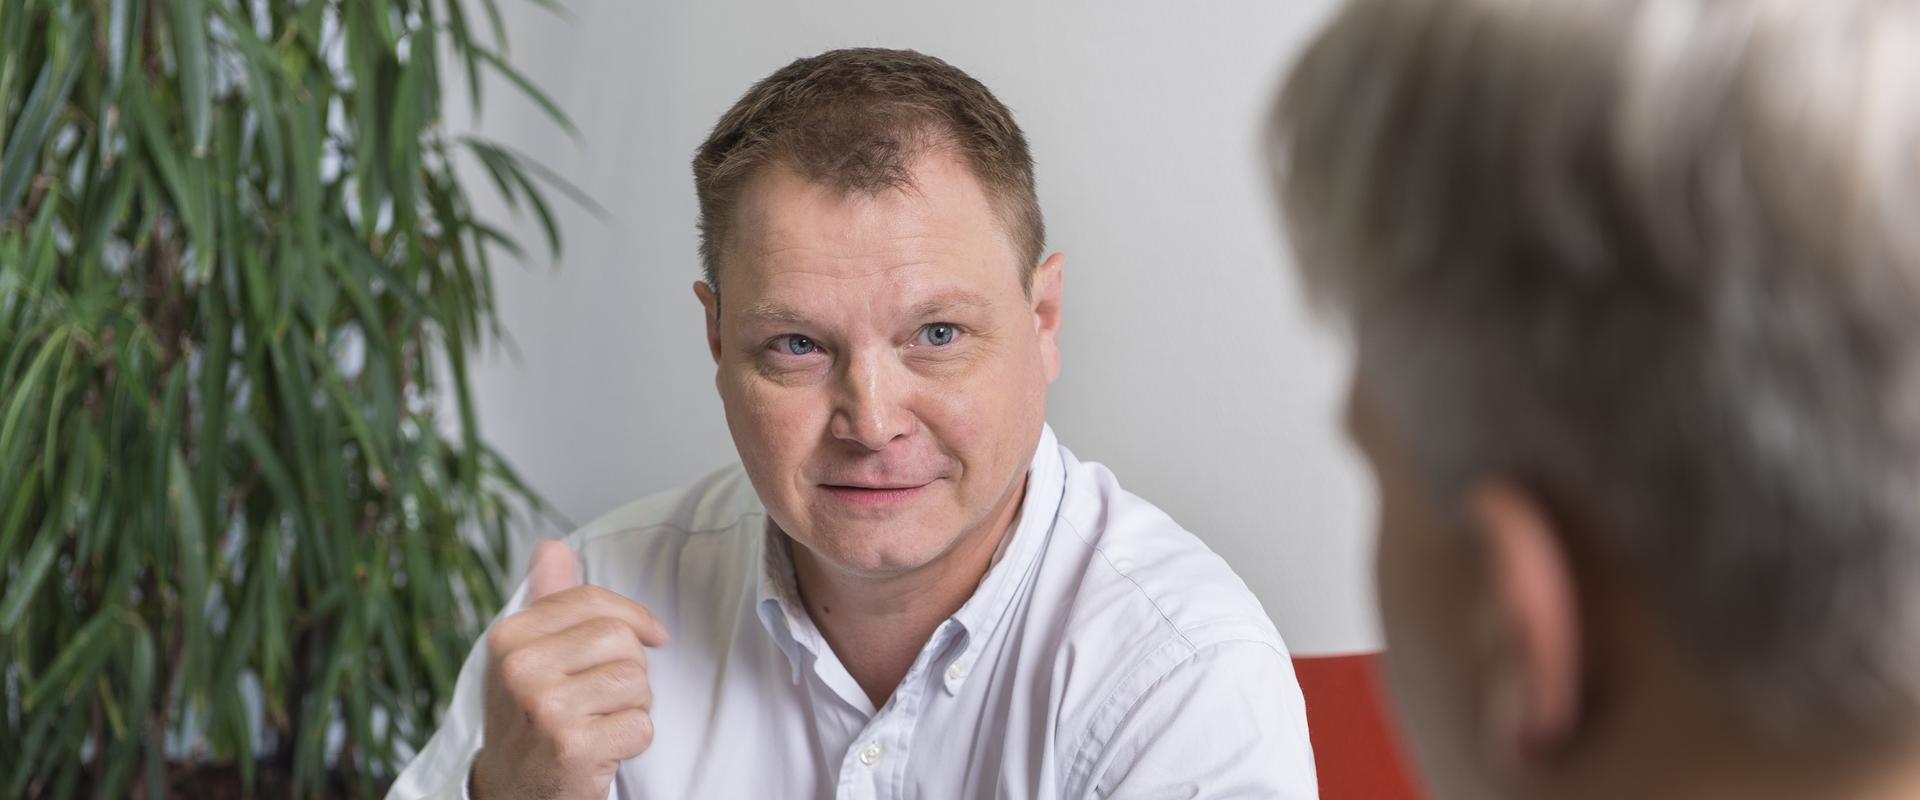 Arzt im Gespräch mit einem Patienten in der MEDIAN Klinik Dormagen